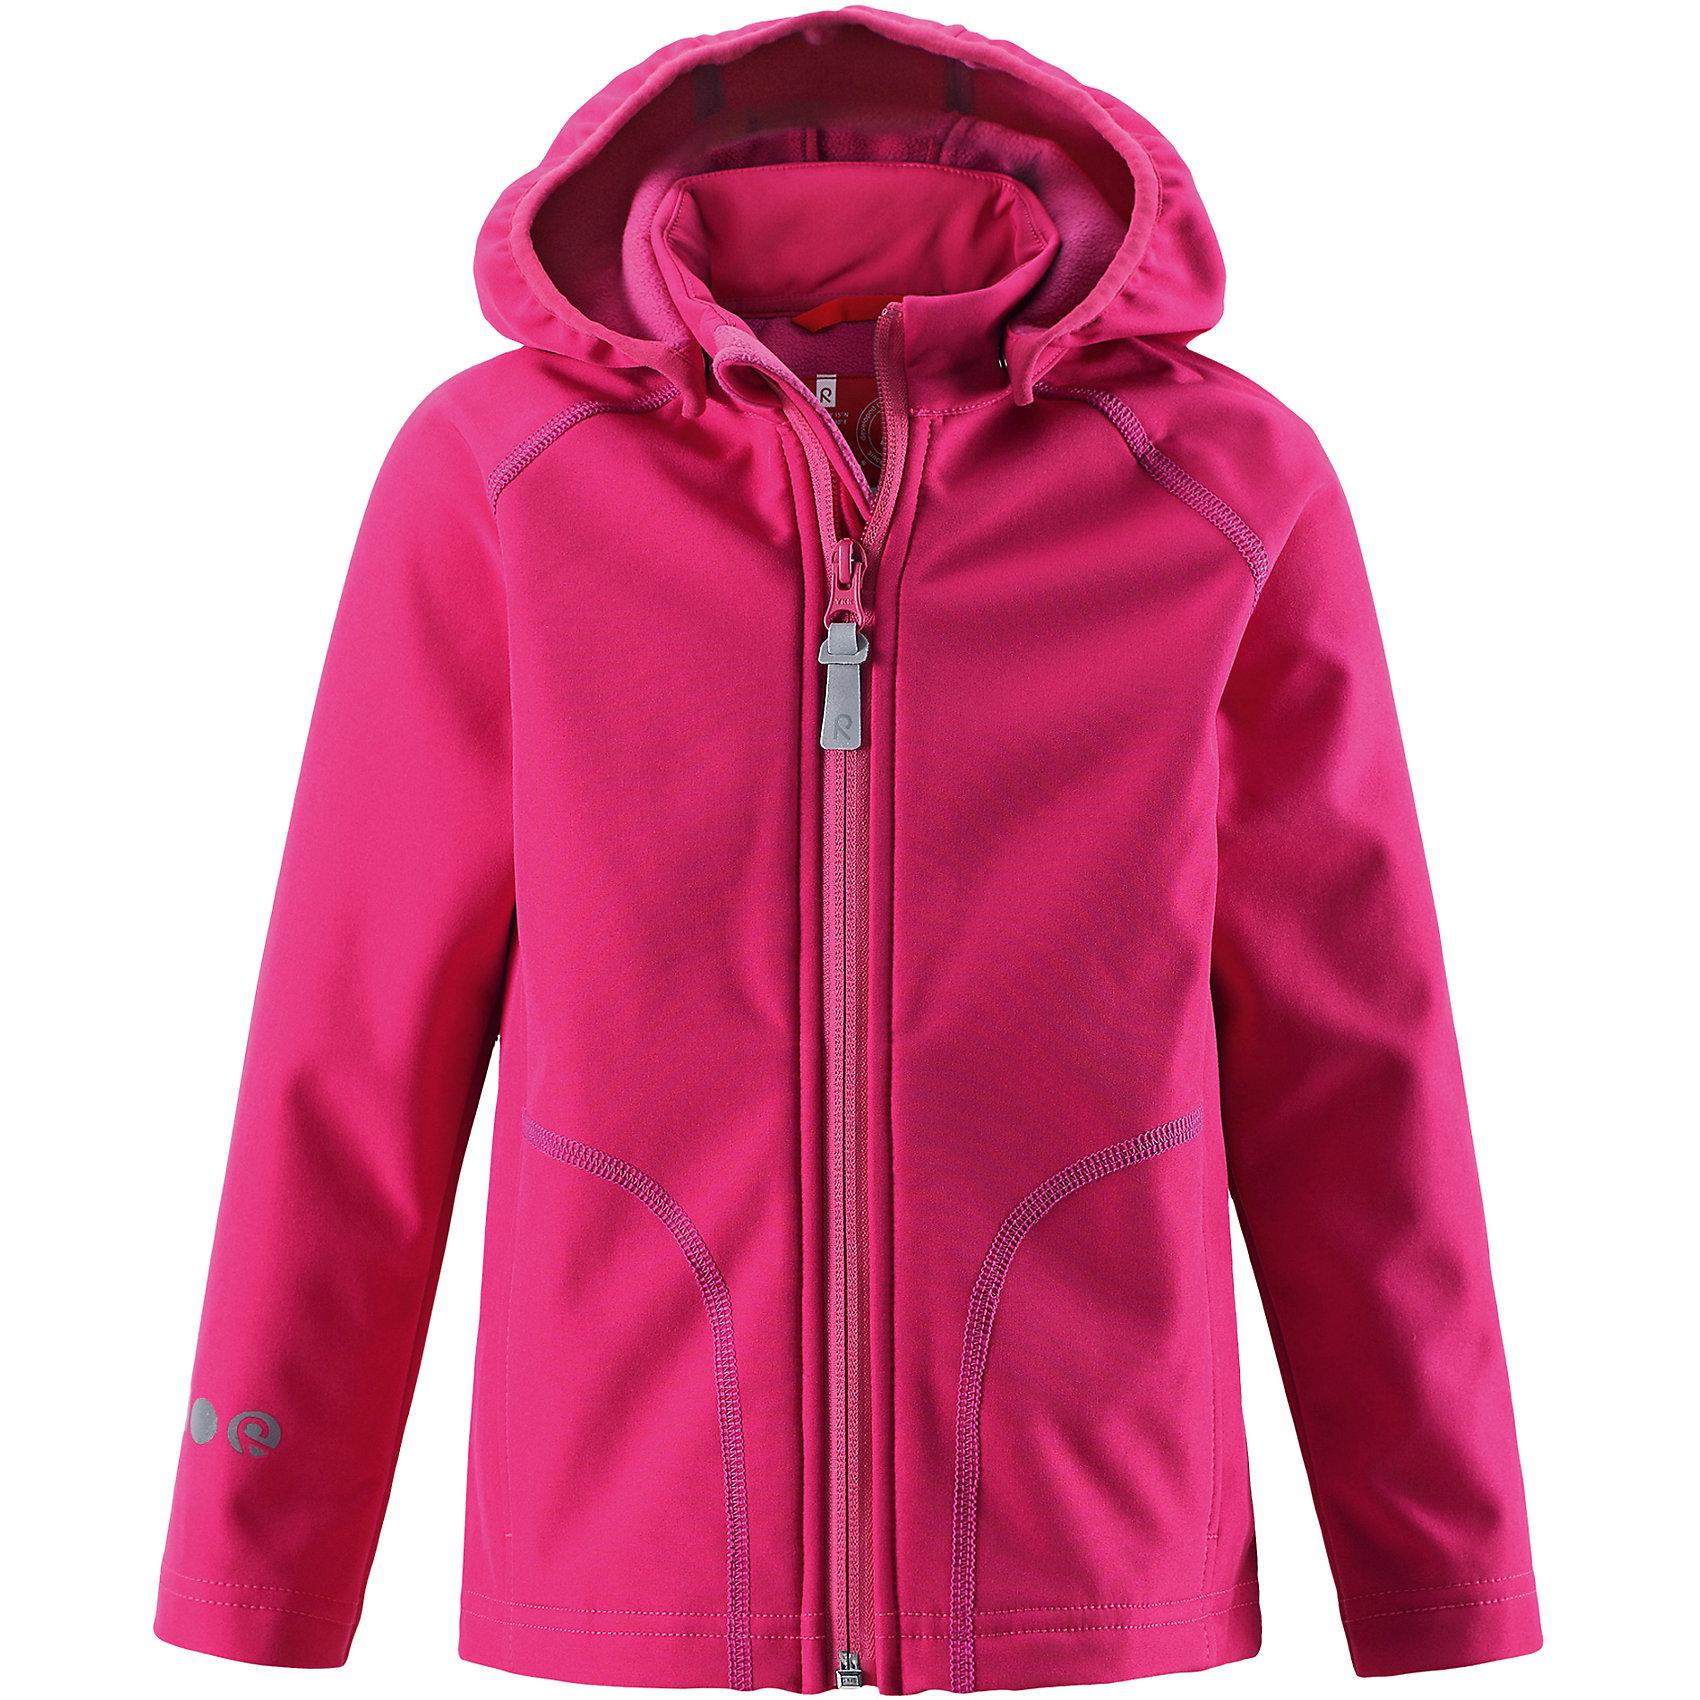 Куртка Vantti для девочки ReimaОдежда<br>Характеристики товара:<br><br>• цвет: розовый<br>• состав: 95% полиэстер, 5% эластан, полиуретановое покрытие<br>• температурный режим: от +5°до +15°С<br>• многослойный материал, с изнаночной стороны - флис<br>• водонепроницаемый материал softshell<br>• ветронепроницаемый дышащий материал<br>• безопасный съемный капюшон<br>• два боковых кармана<br>• без утеплителя<br>• молния<br>• комфортная посадка<br>• страна производства: Китай<br>• страна бренда: Финляндия<br>• коллекция: весна-лето 2017<br><br>Верхняя одежда для детей может быть модной и комфортной одновременно! Демисезонная куртка поможет обеспечить ребенку комфорт и тепло. Она отлично смотрится с различной одеждой и обувью. Изделие удобно сидит и модно выглядит. Материал - прочный, хорошо подходящий для межсезонья. Стильный дизайн разрабатывался специально для детей.<br><br>Одежда и обувь от финского бренда Reima пользуется популярностью во многих странах. Эти изделия стильные, качественные и удобные. Для производства продукции используются только безопасные, проверенные материалы и фурнитура. Порадуйте ребенка модными и красивыми вещами от Reima! <br><br>Куртку Reimatec® от финского бренда Reima (Рейма) можно купить в нашем интернет-магазине.<br><br>Ширина мм: 356<br>Глубина мм: 10<br>Высота мм: 245<br>Вес г: 519<br>Цвет: розовый<br>Возраст от месяцев: 96<br>Возраст до месяцев: 108<br>Пол: Женский<br>Возраст: Детский<br>Размер: 134,140,104,110,116,122,128<br>SKU: 5268514